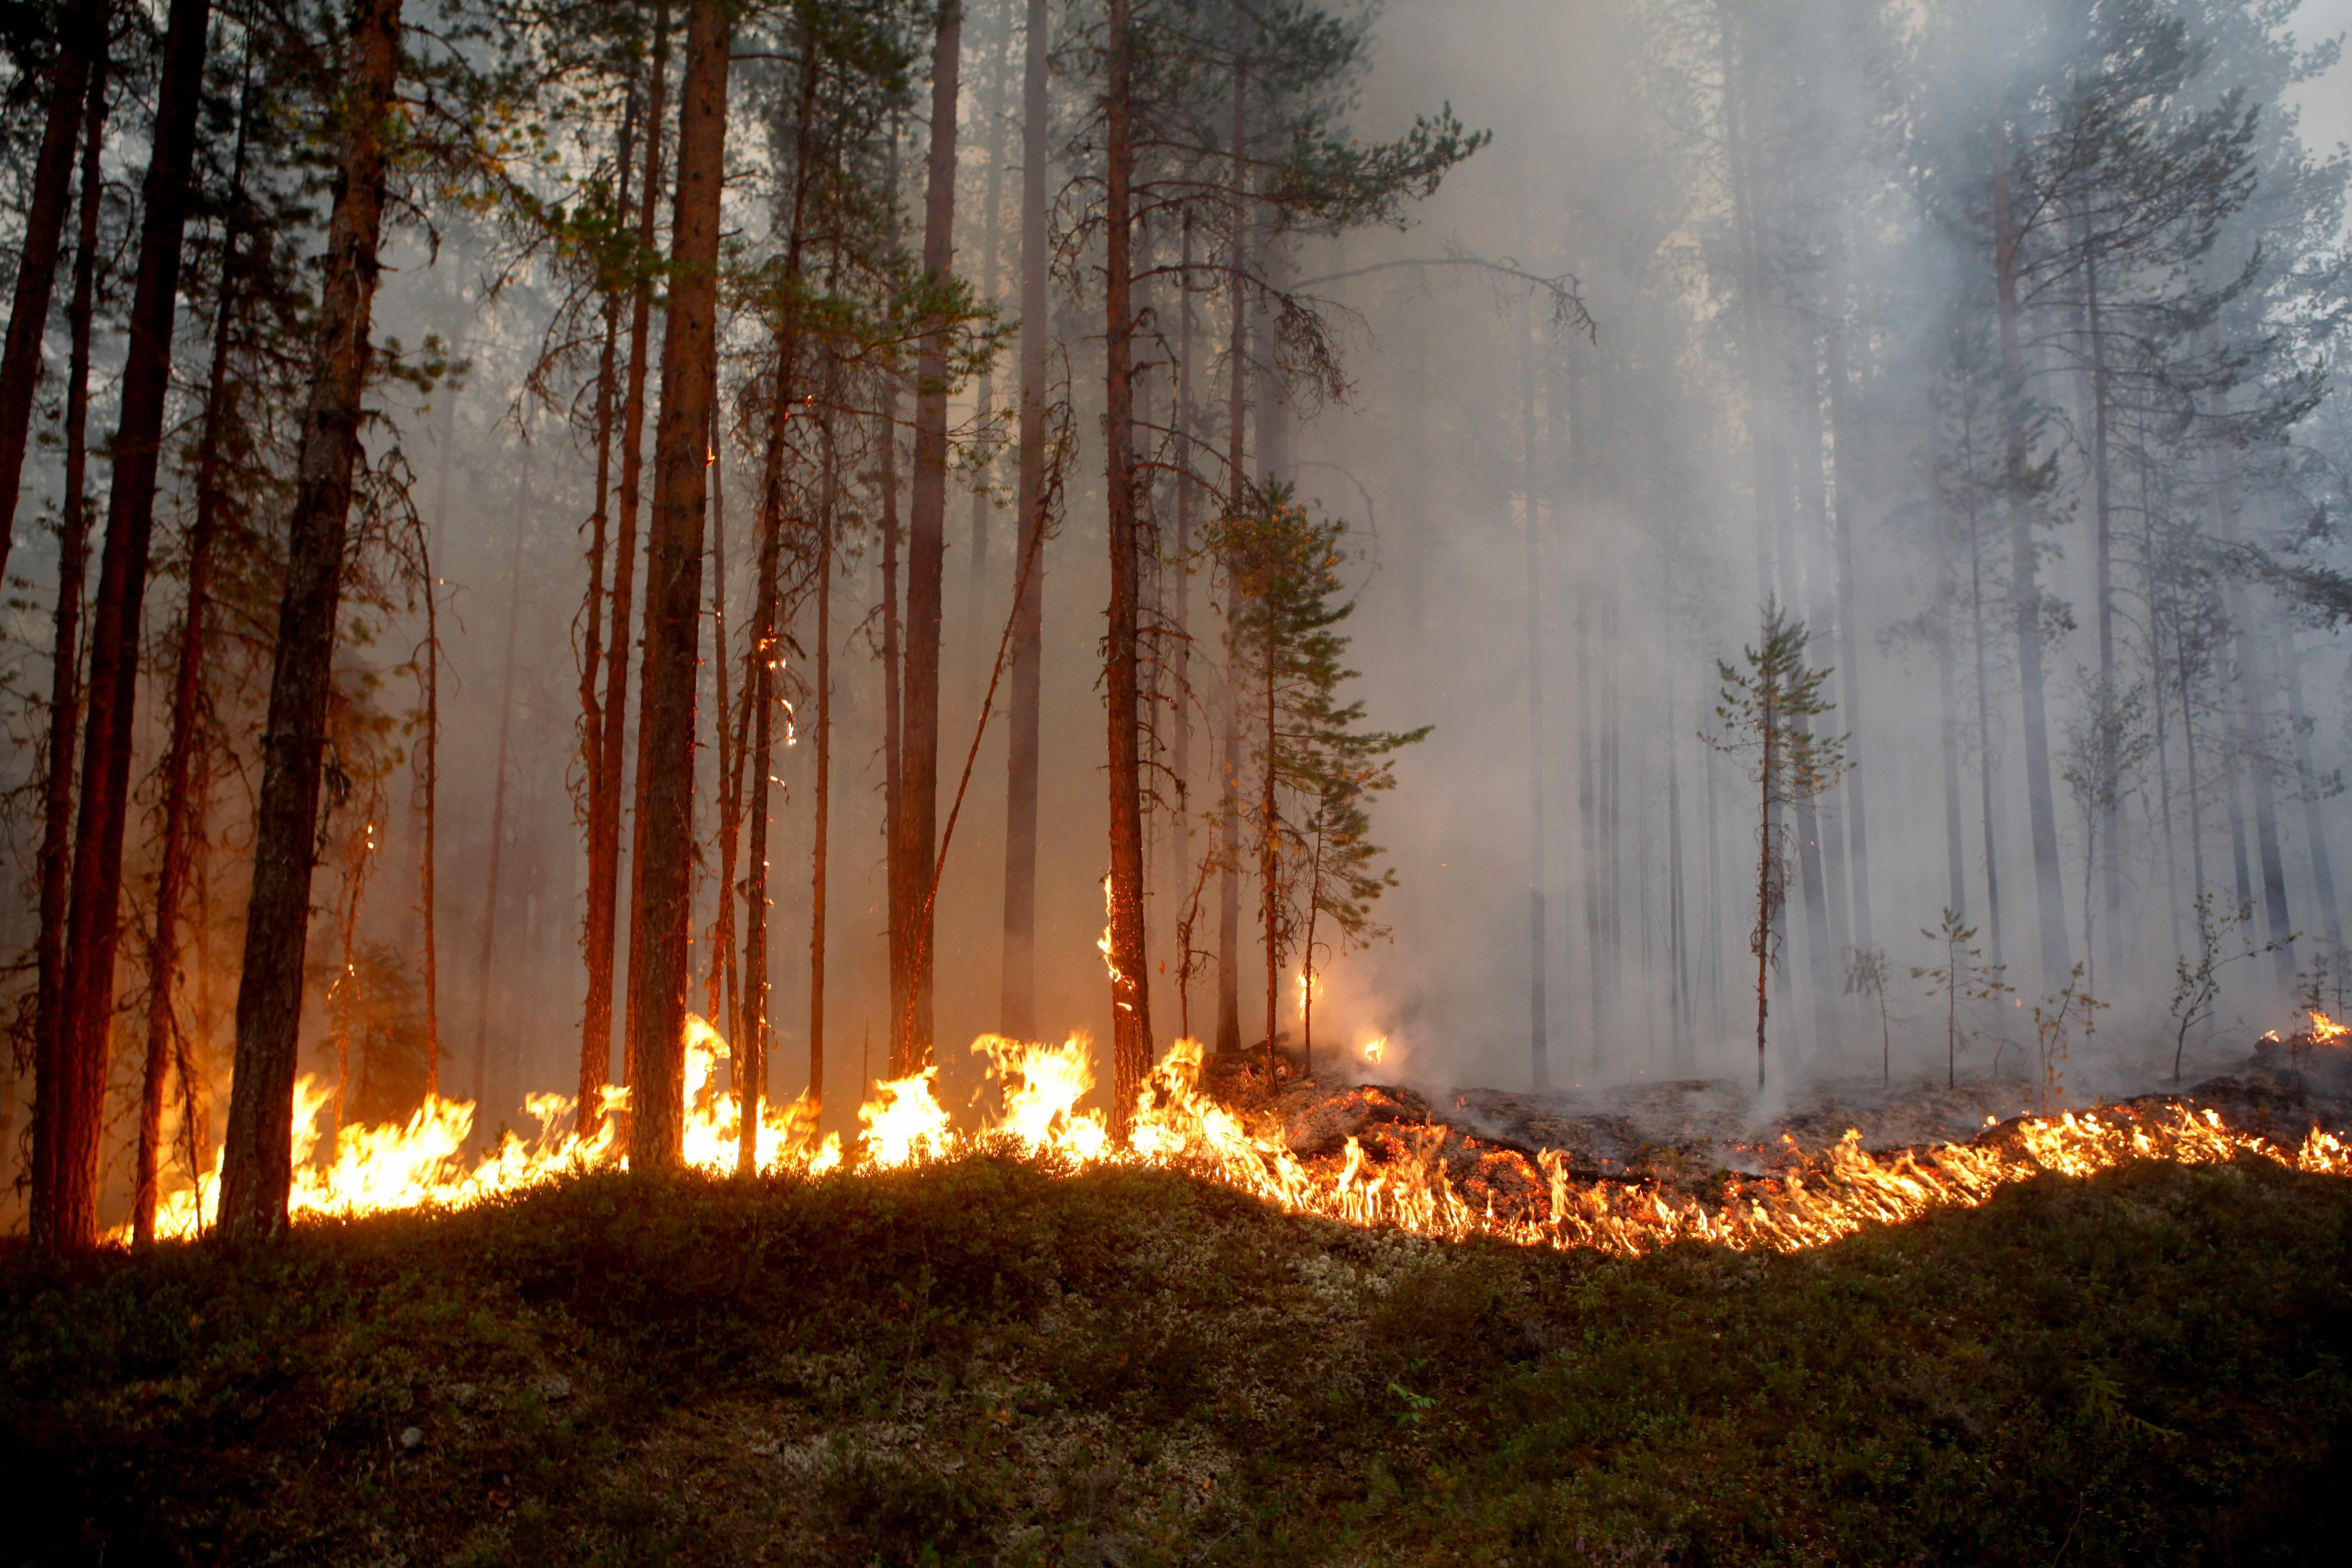 النيران تدمر الأشجار